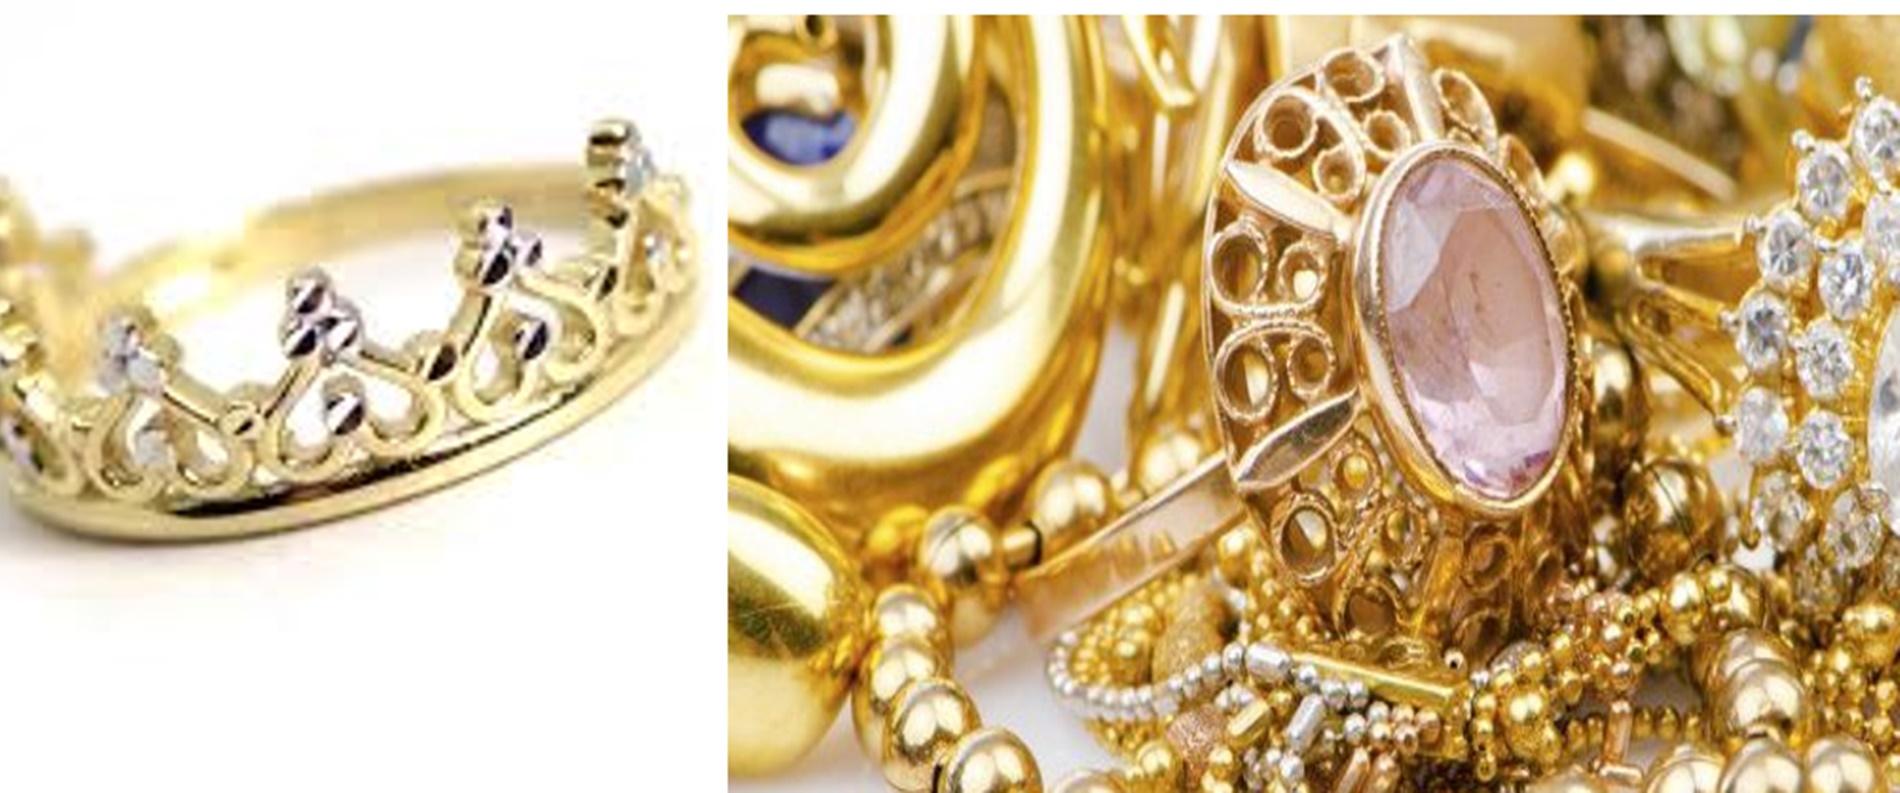 Ce înseamnă când visezi bijuterii din aur. Când e de bine și când e semn rău